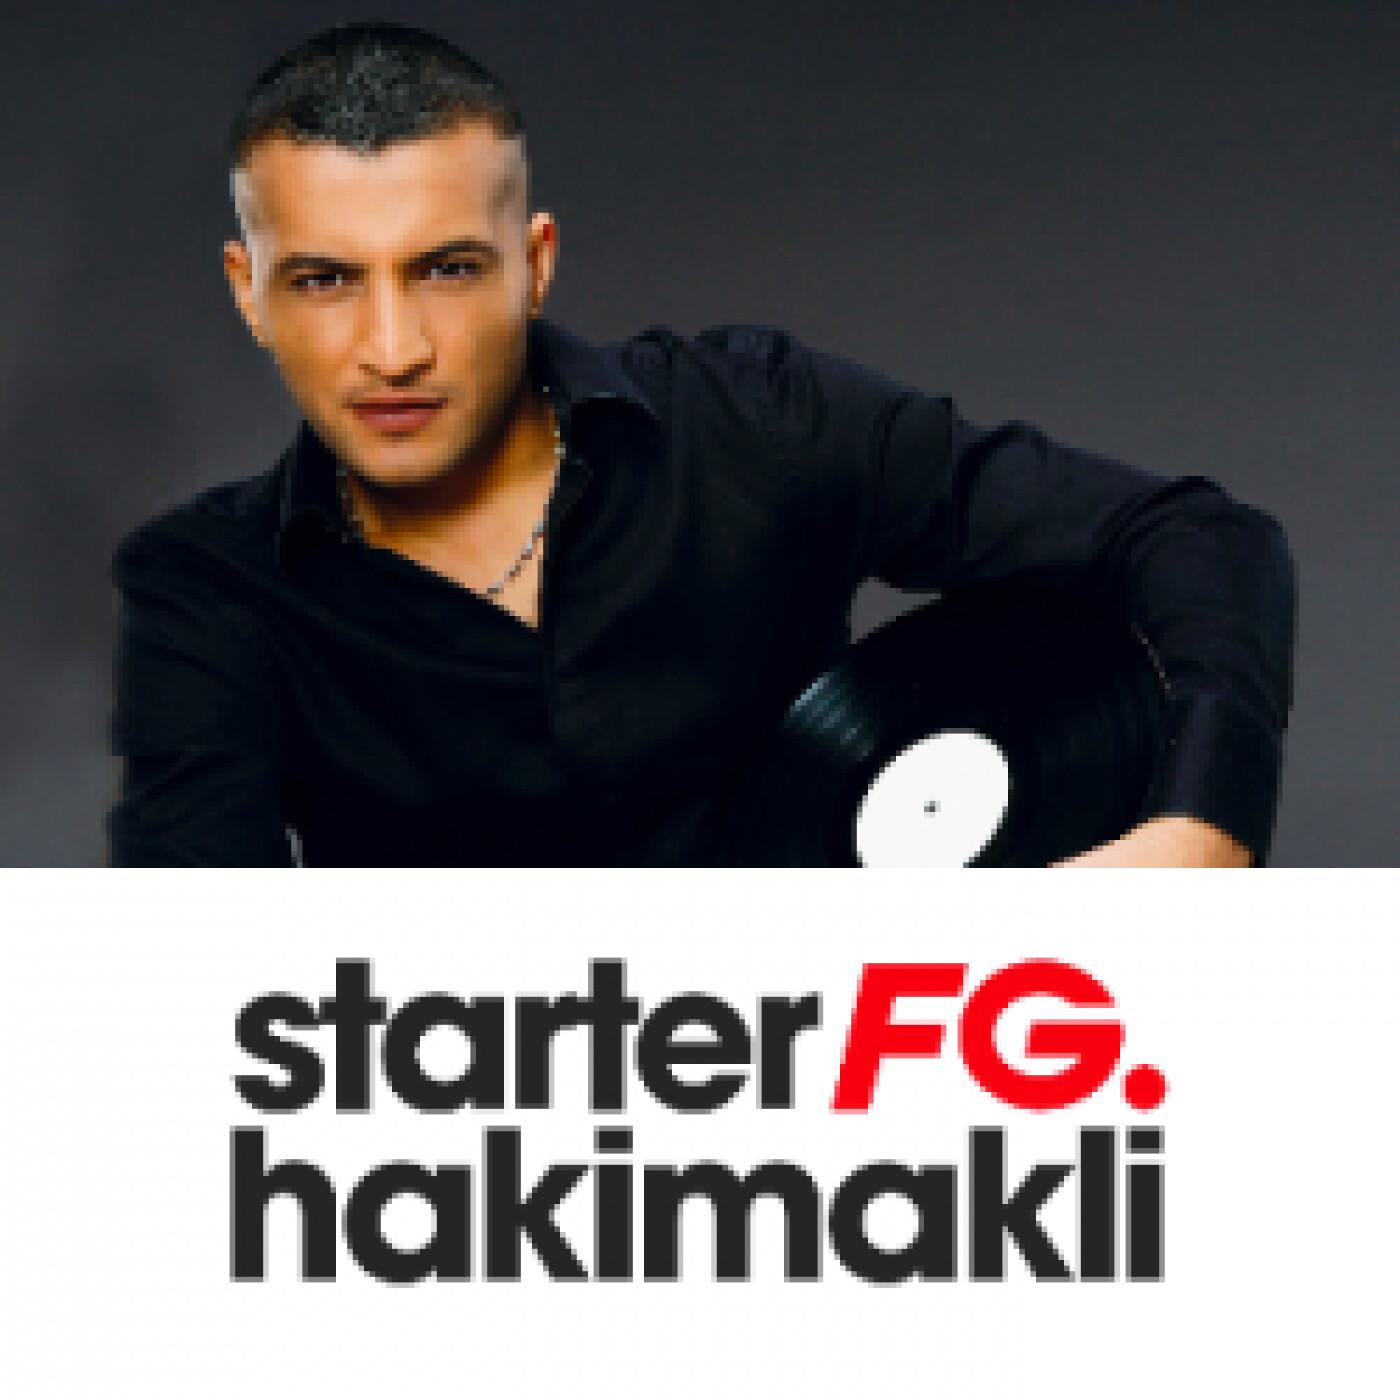 STARTER FG BY HAKIMAKLI JEUDI 4 FEVRIER 2021